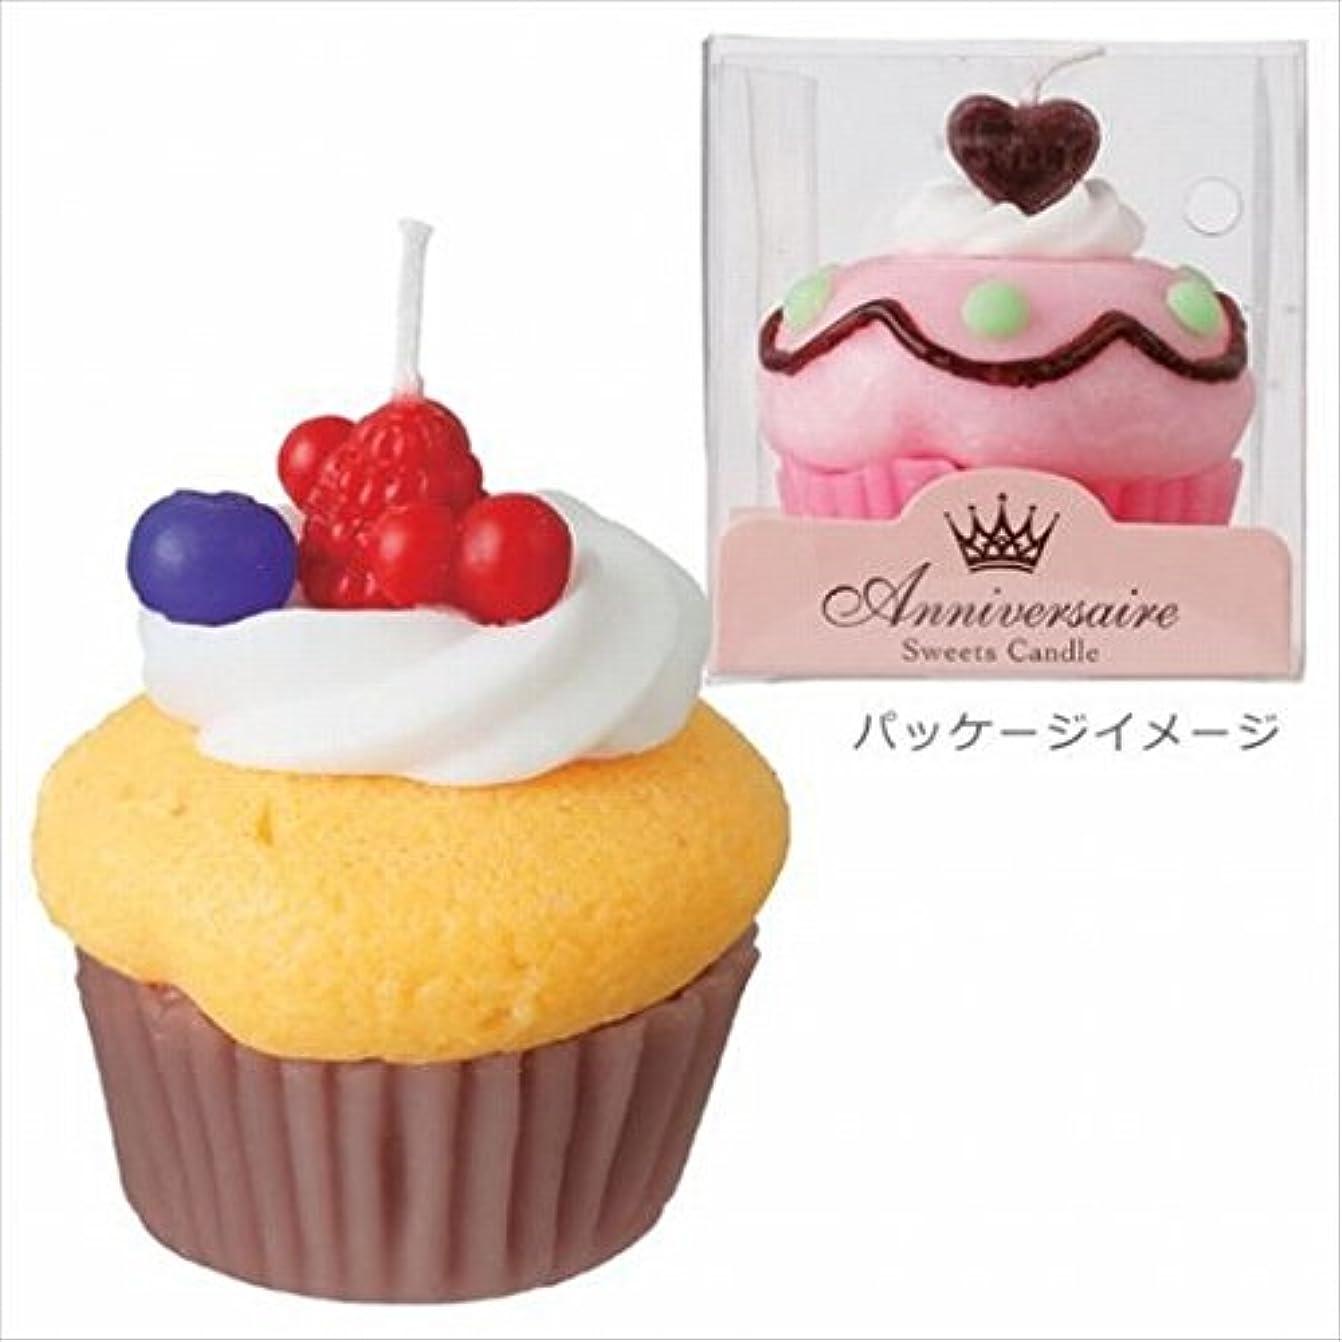 テレビを見るかなり騙すカメヤマキャンドル( kameyama candle ) カップケーキキャンドル 「 マンゴーカップケーキ 」